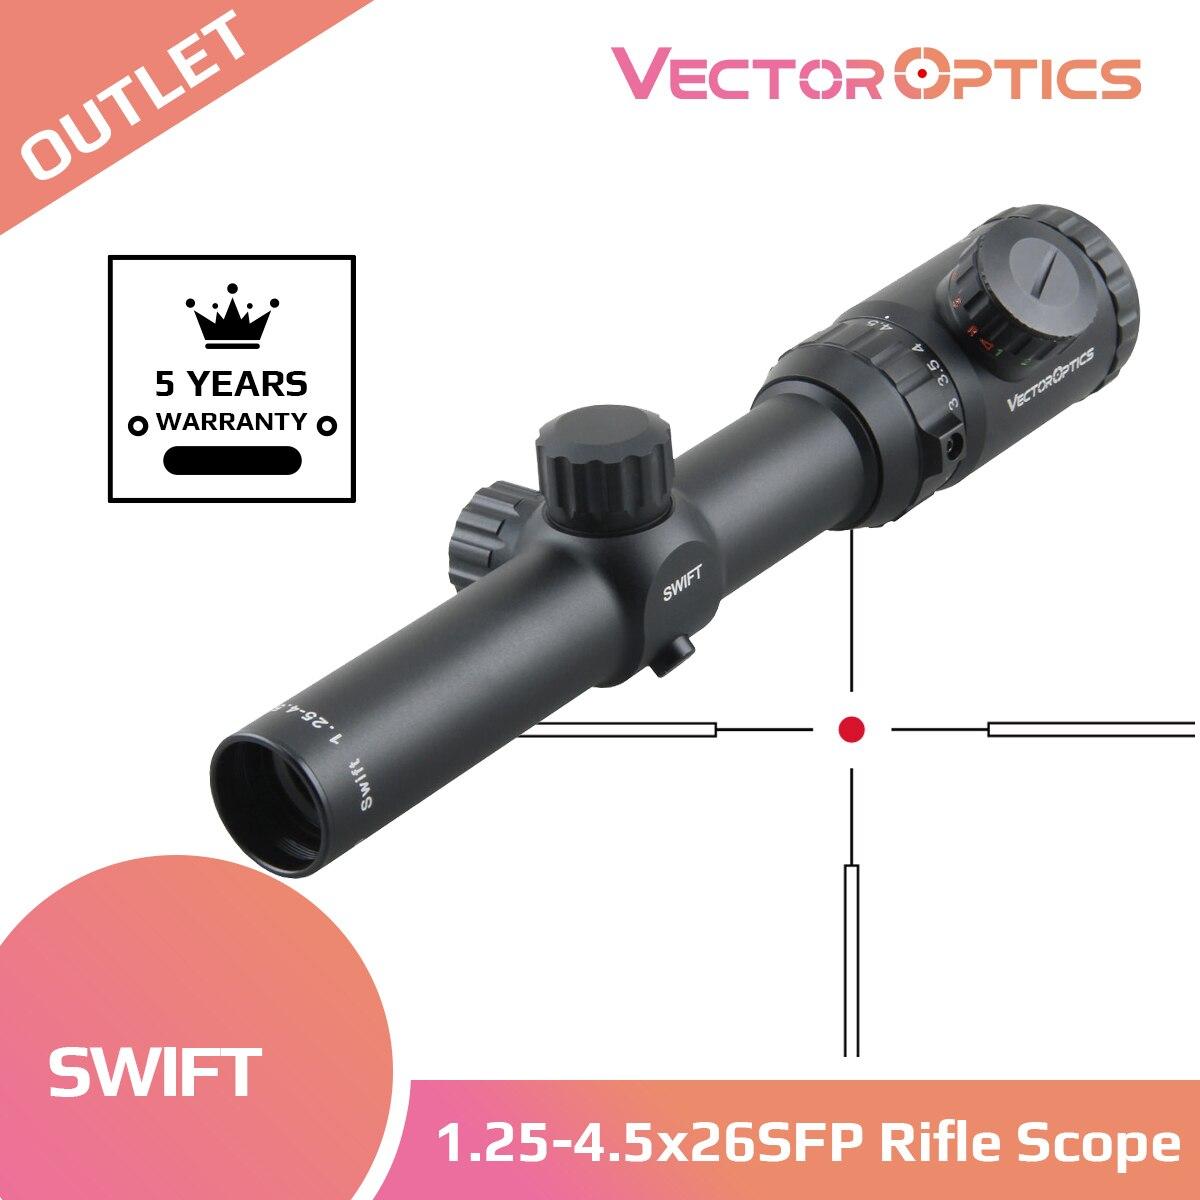 مكافحة ناقلات البصريات سويفت 1.25-4.5x26 المدمجة الصيد Riflescope طويل العين الإغاثة 30 مللي متر أحادية أنبوب مع مركز مضيئة نقطة 5 مستويات